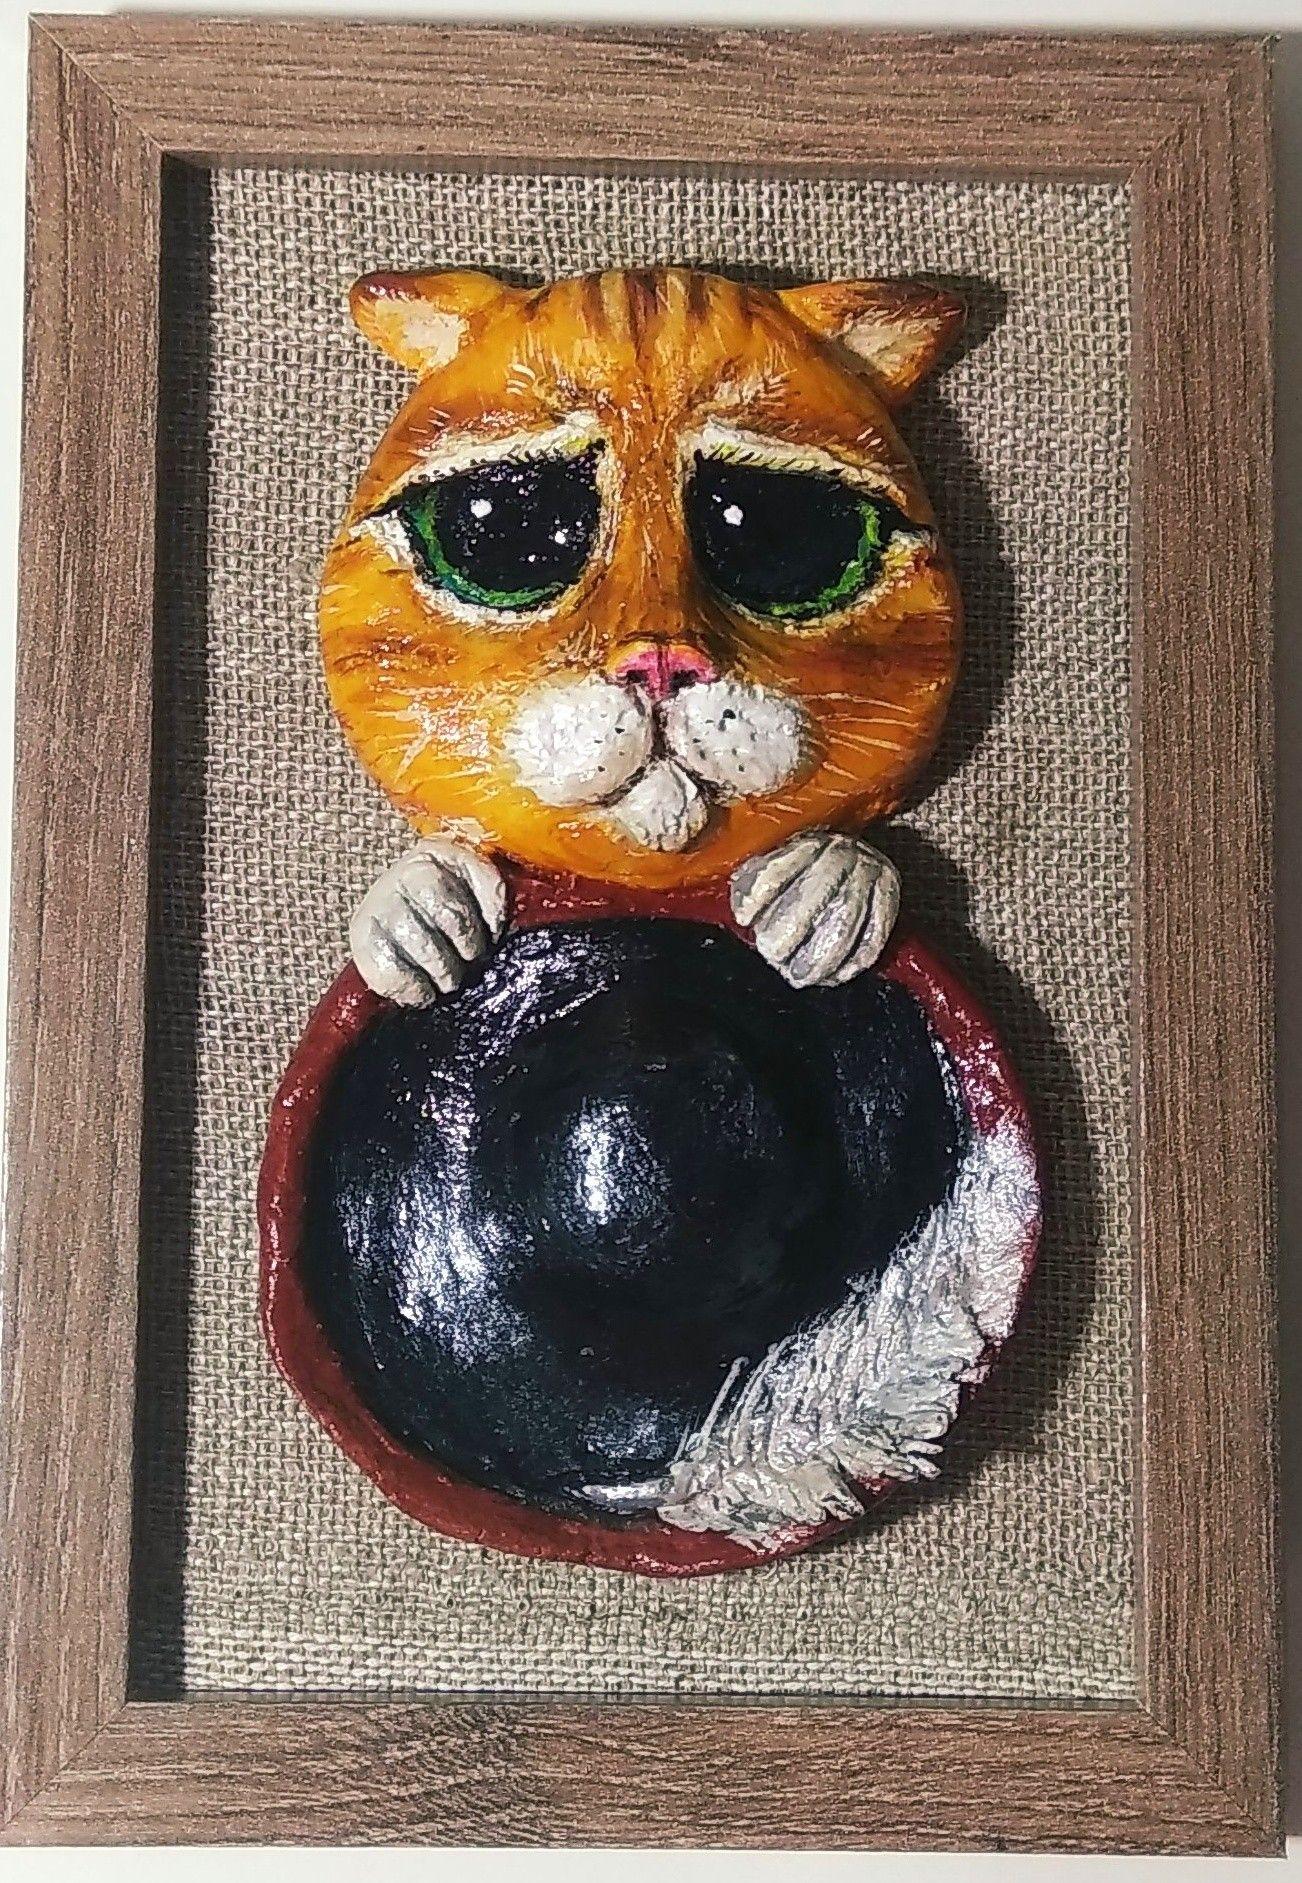 картинку дед соленое тесто коты картинки выкладываем для